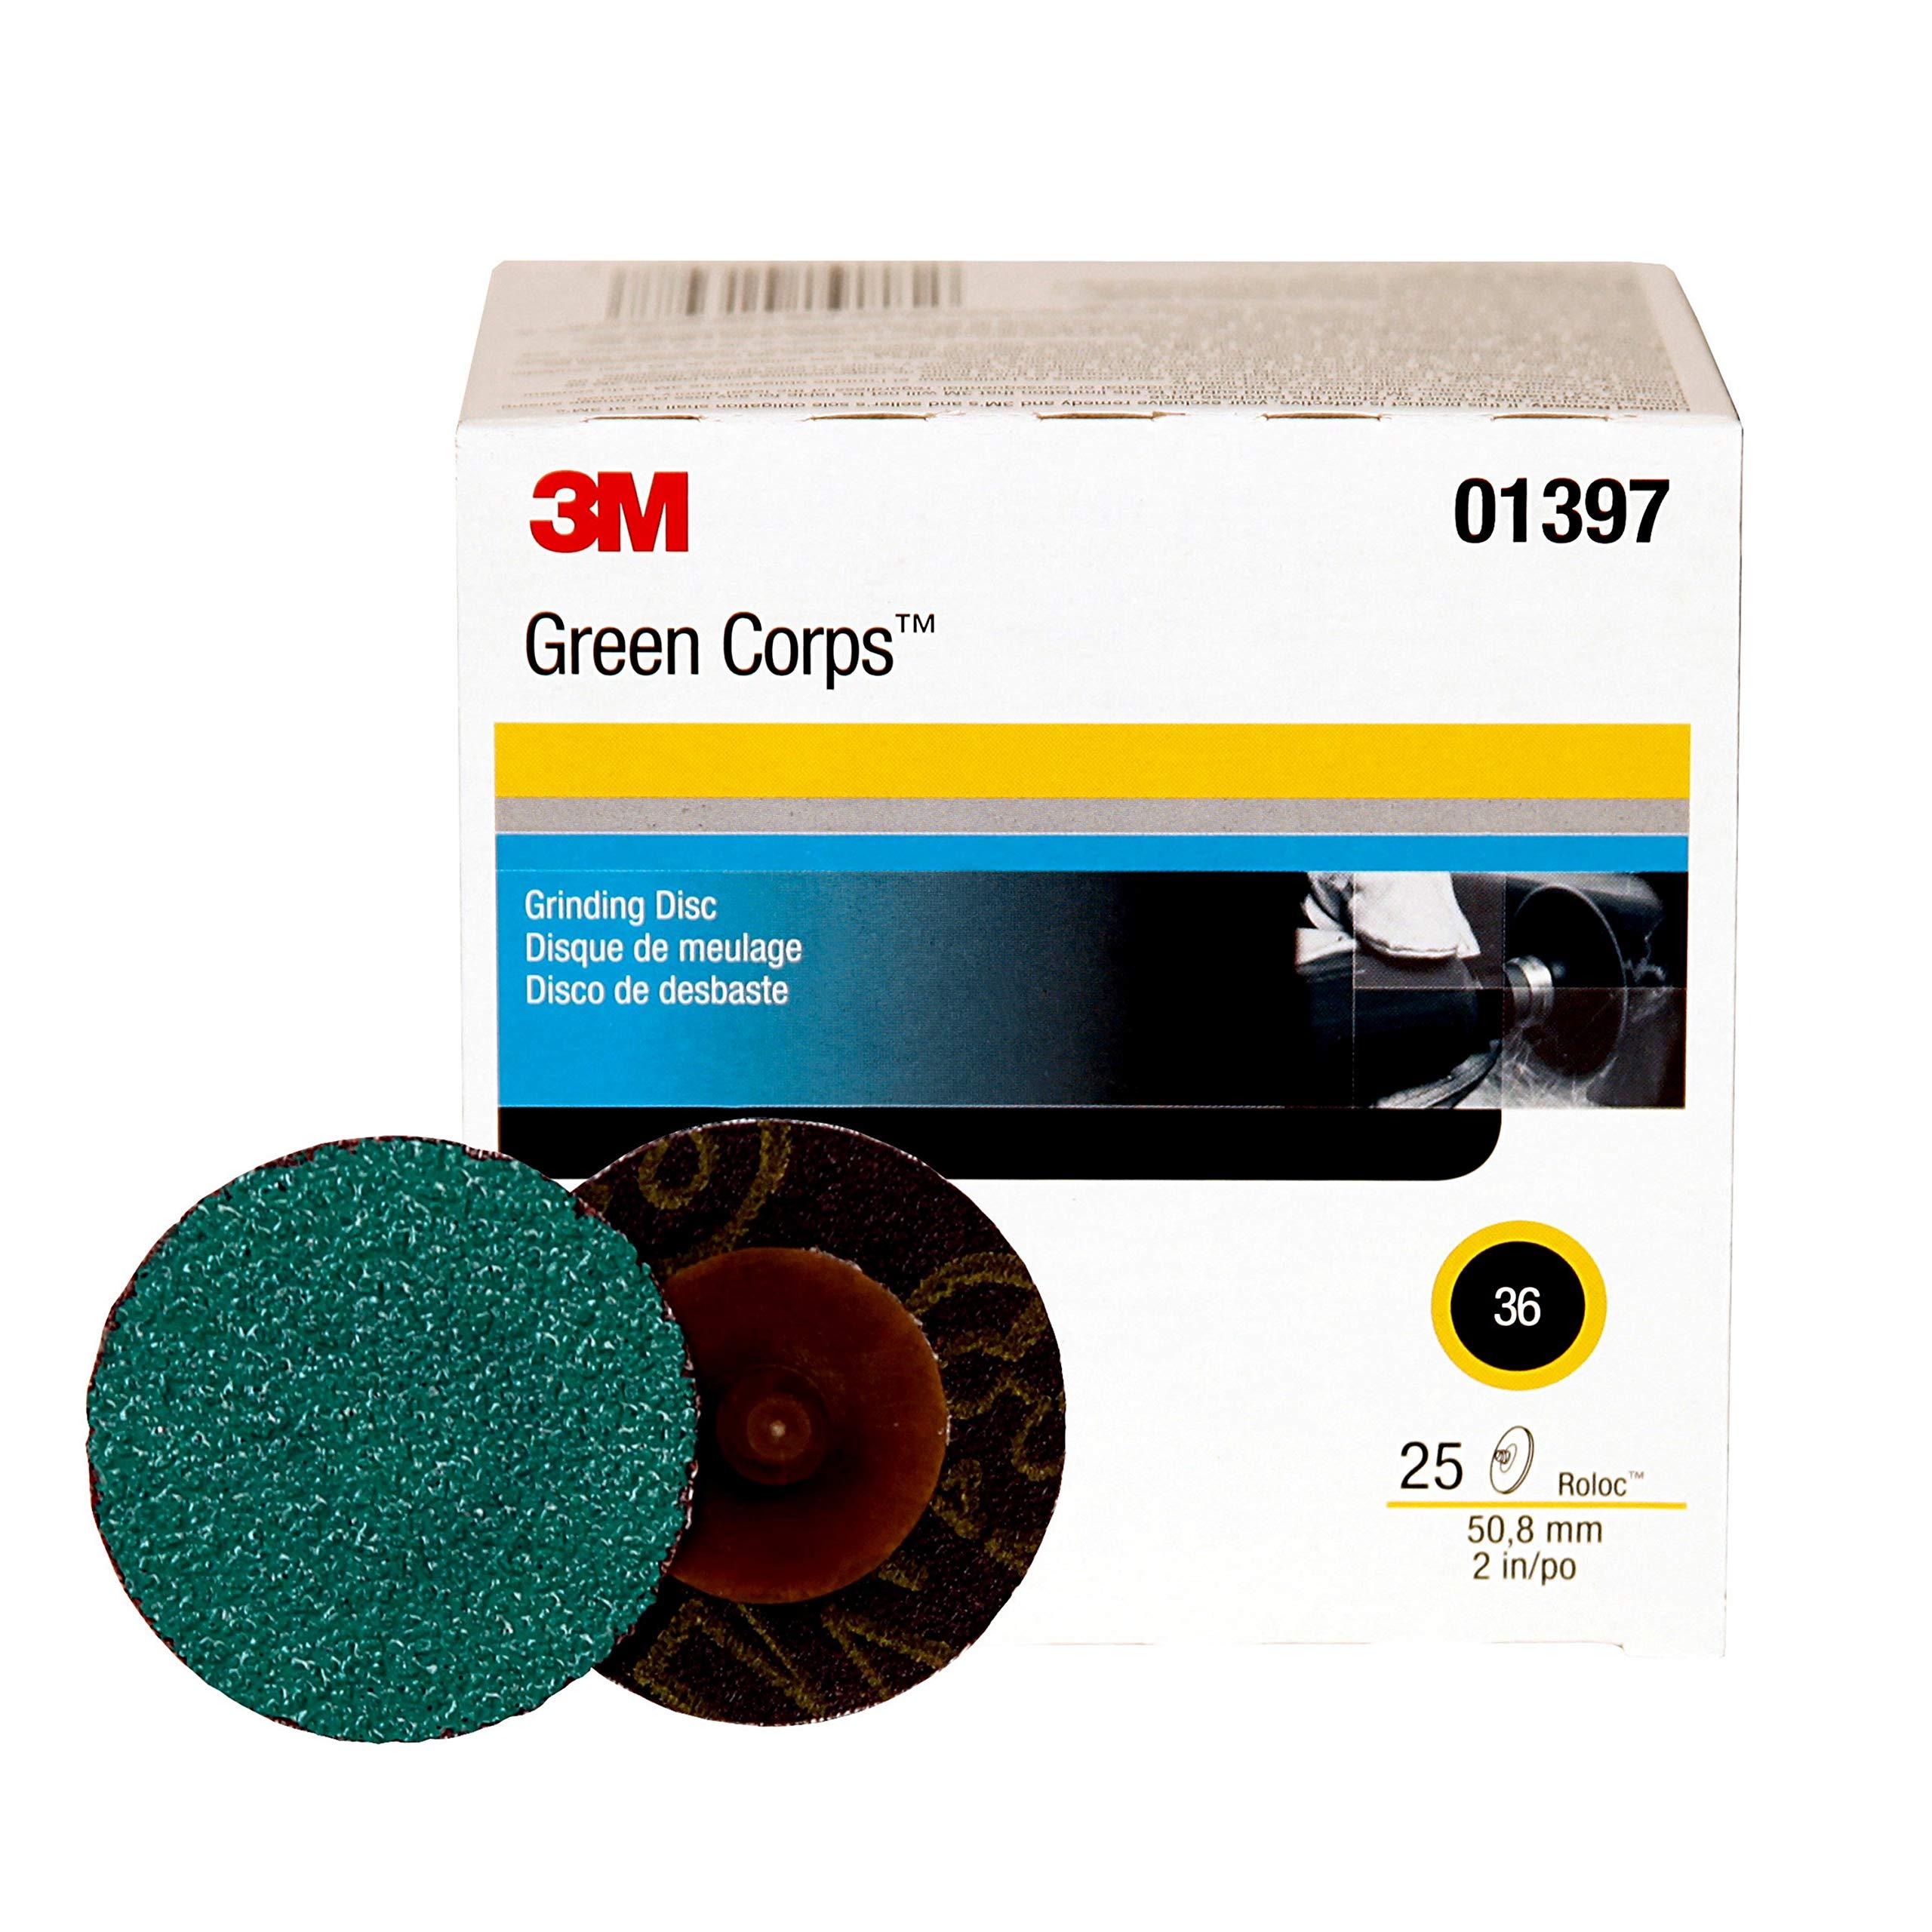 3M Green Corps Roloc Disc, 01397, 36YF, 2 in, 25 discs per pack